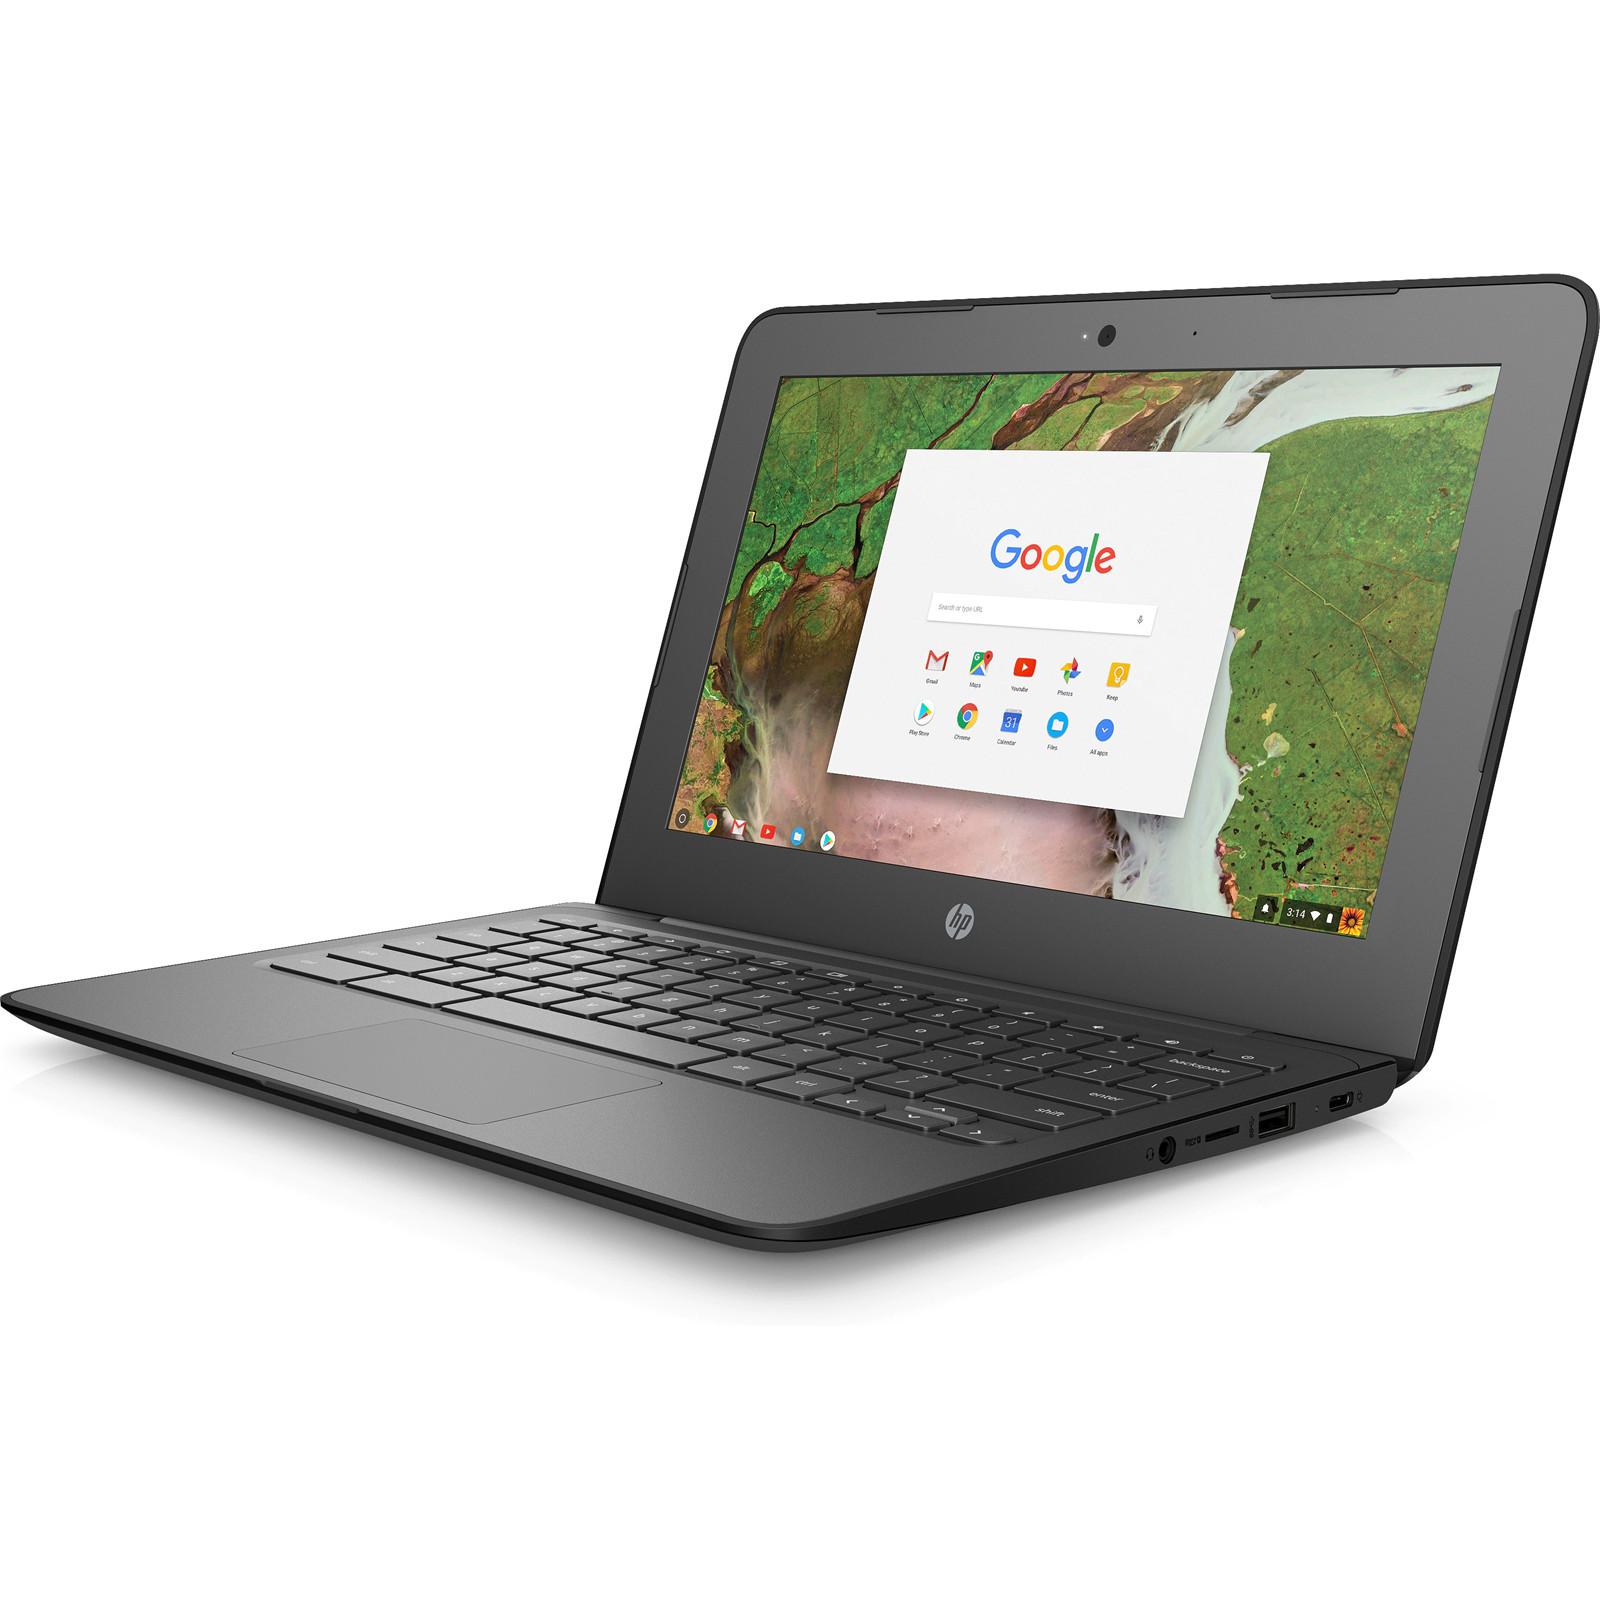 Buy The Hp Chromebook 11 G6 Semi Rugged Design Education V Gen Sdhc Card 4gb 116 New Intel Celeron N3350 16gb